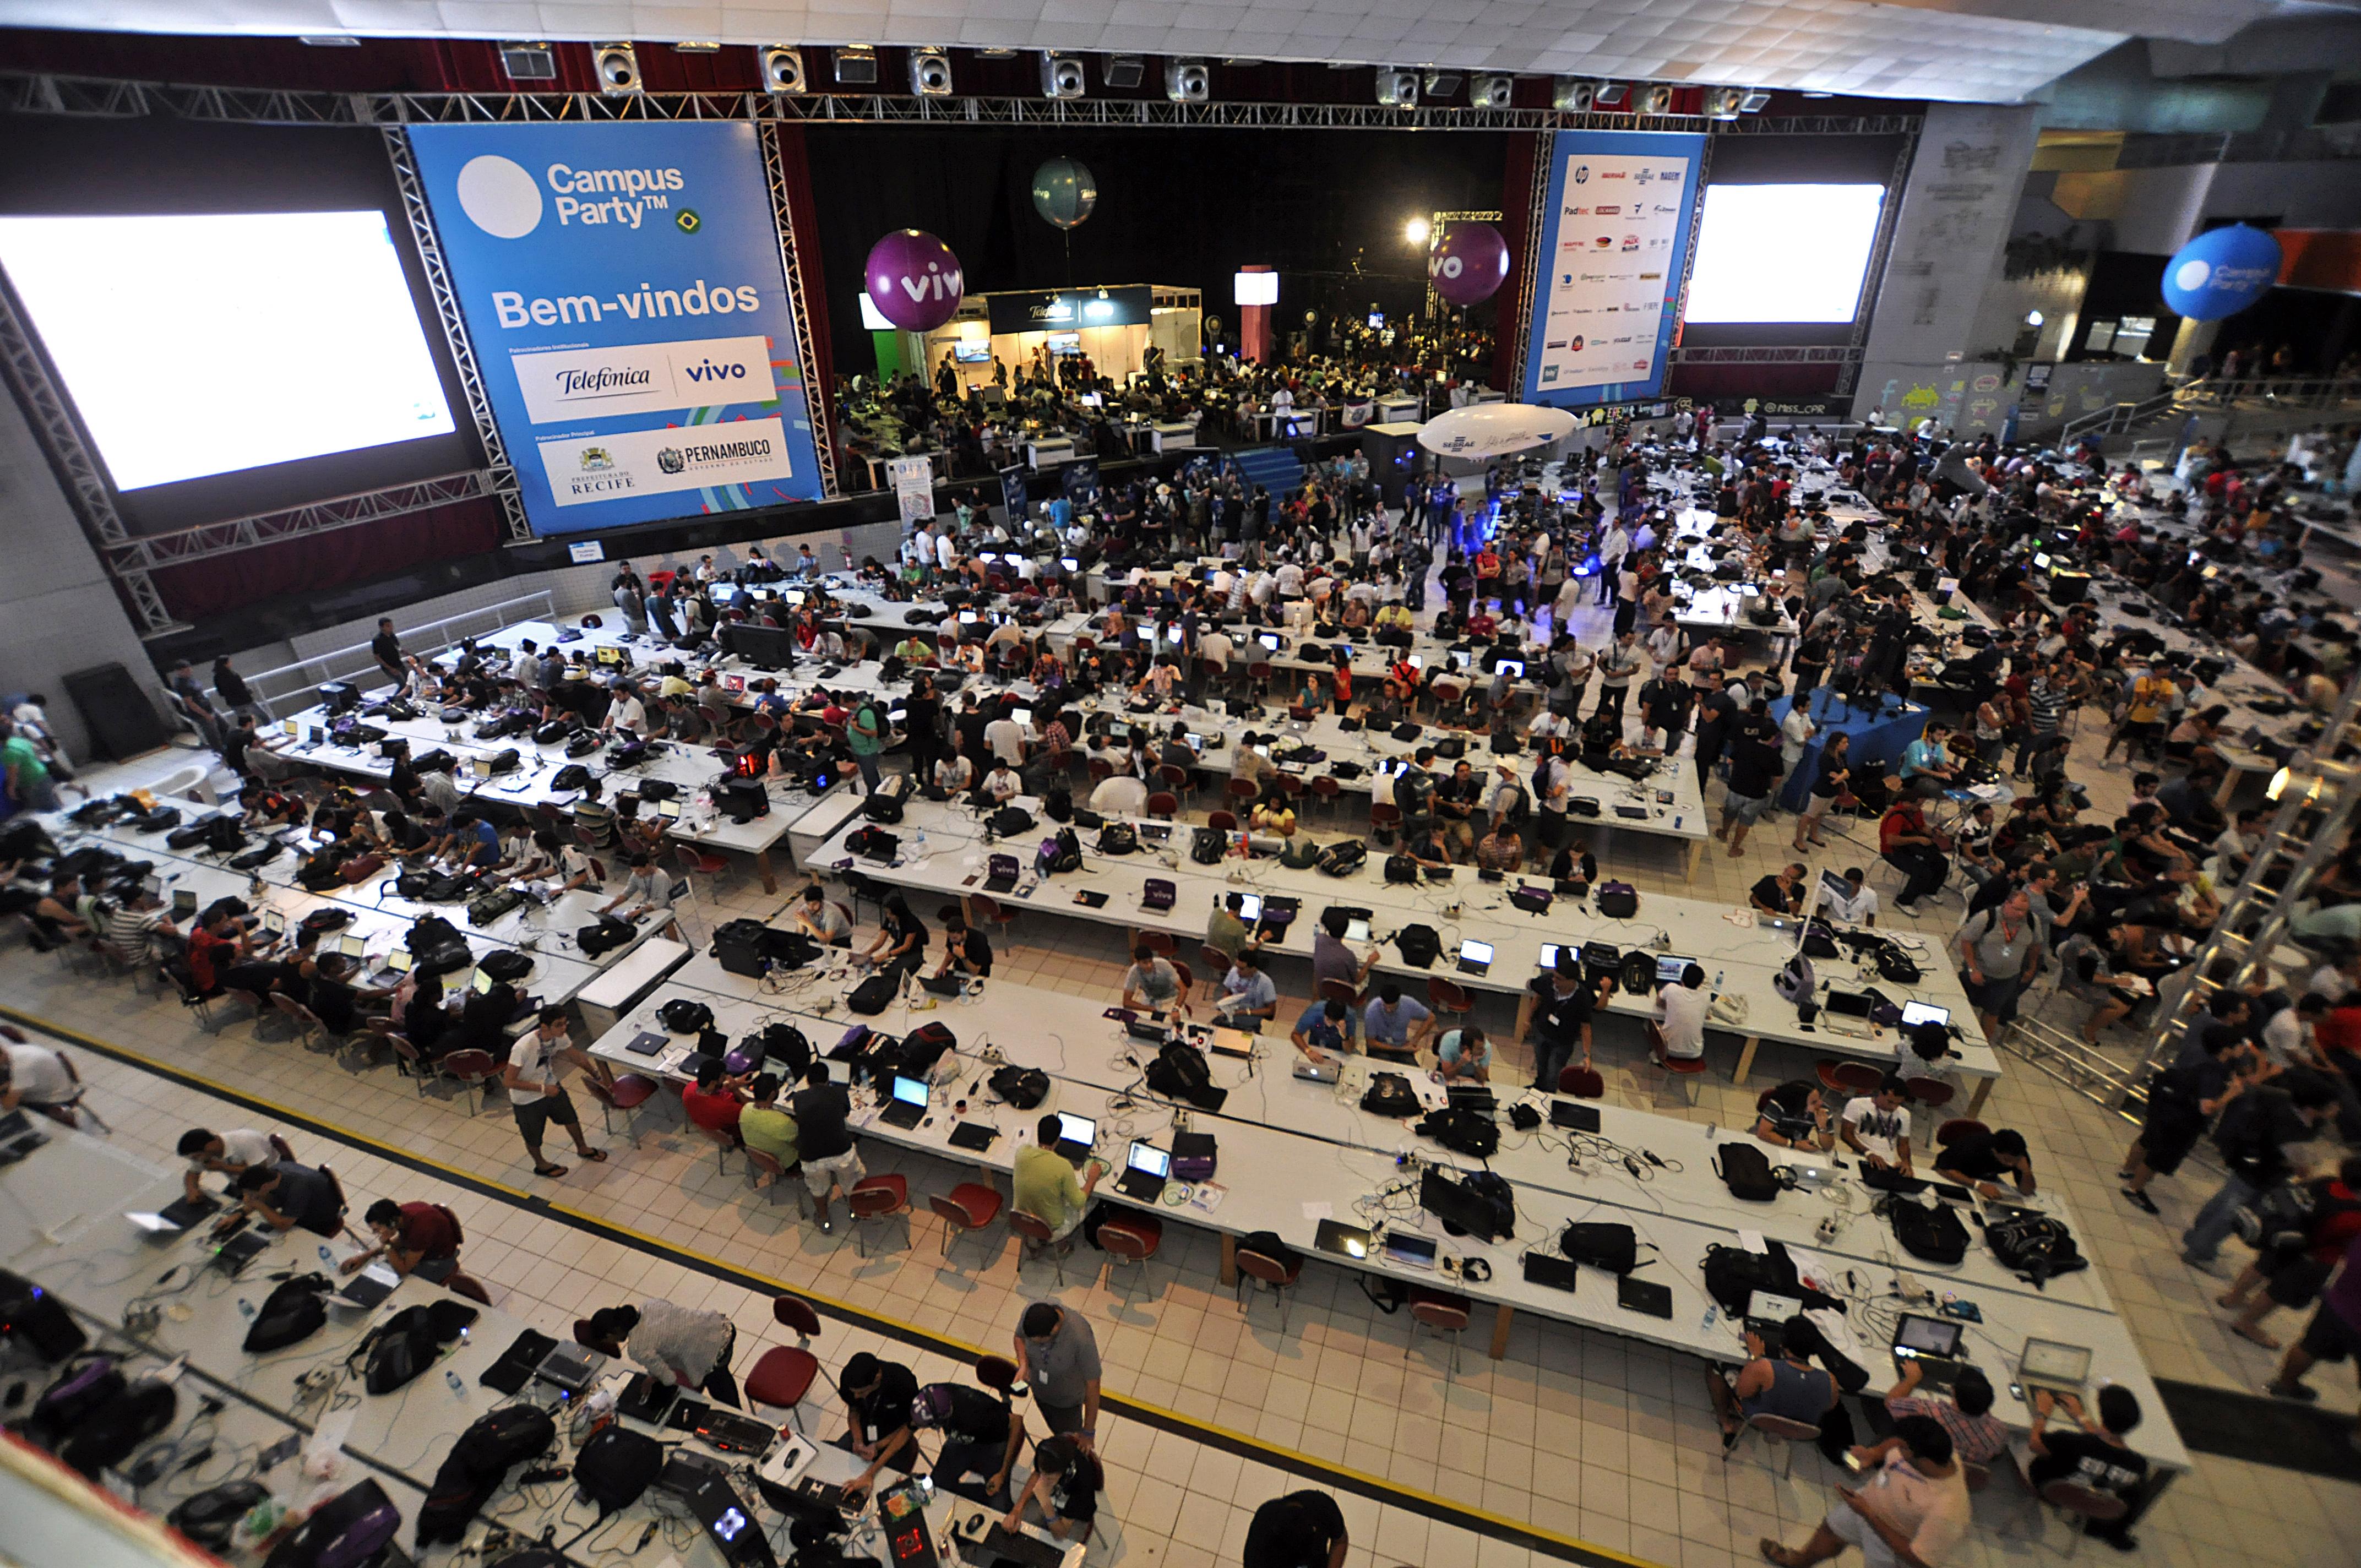 Qué es el Campus Party